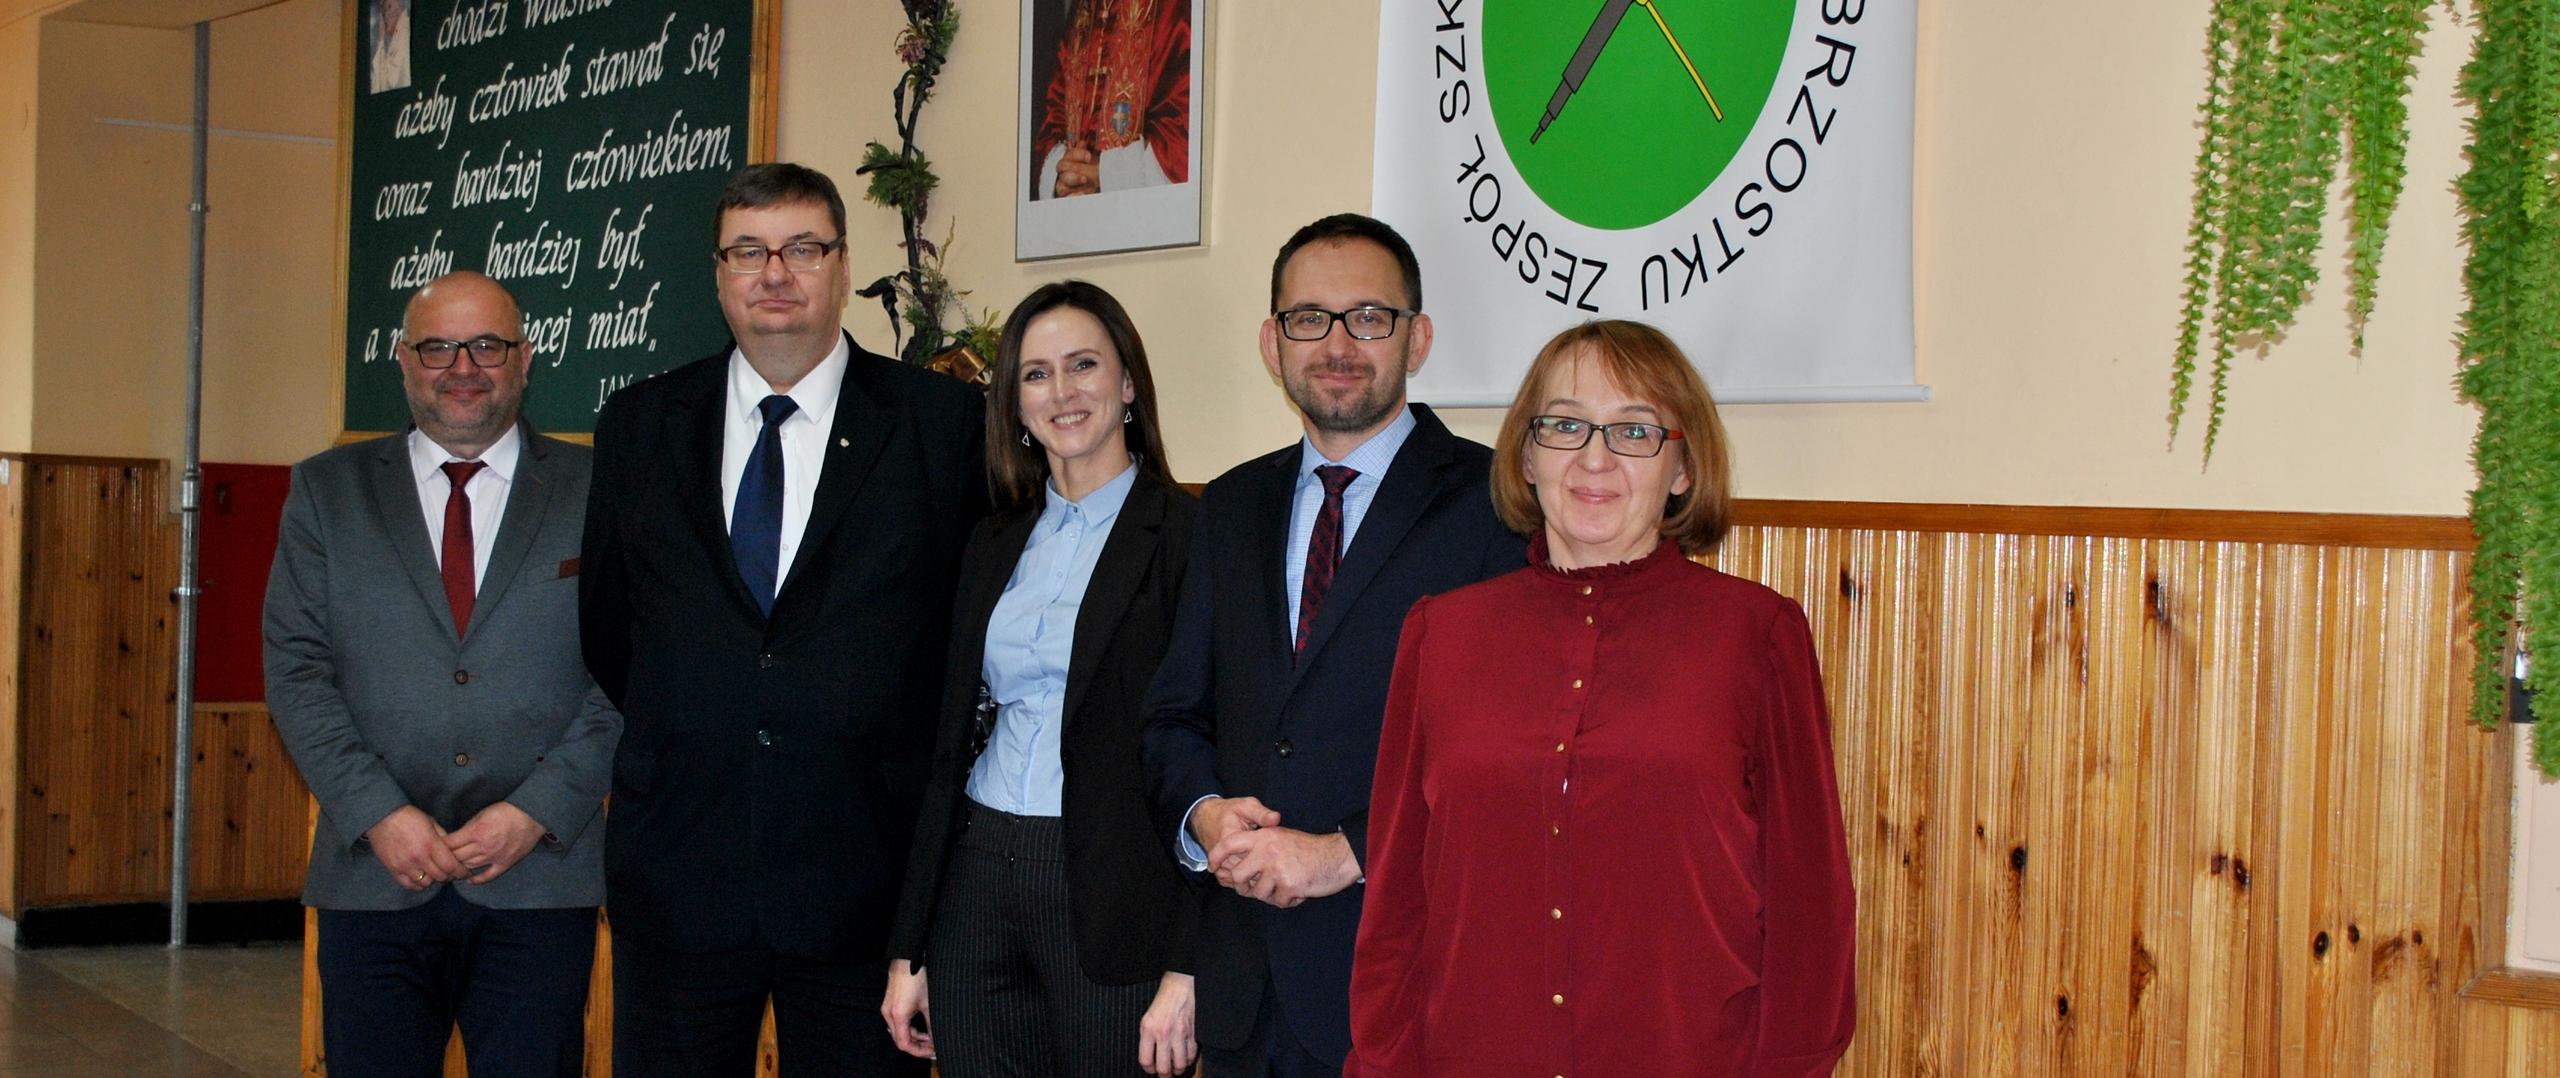 Zespół Szkół w Brzostku dołączył do ministerialnej sieci szkół rolniczych